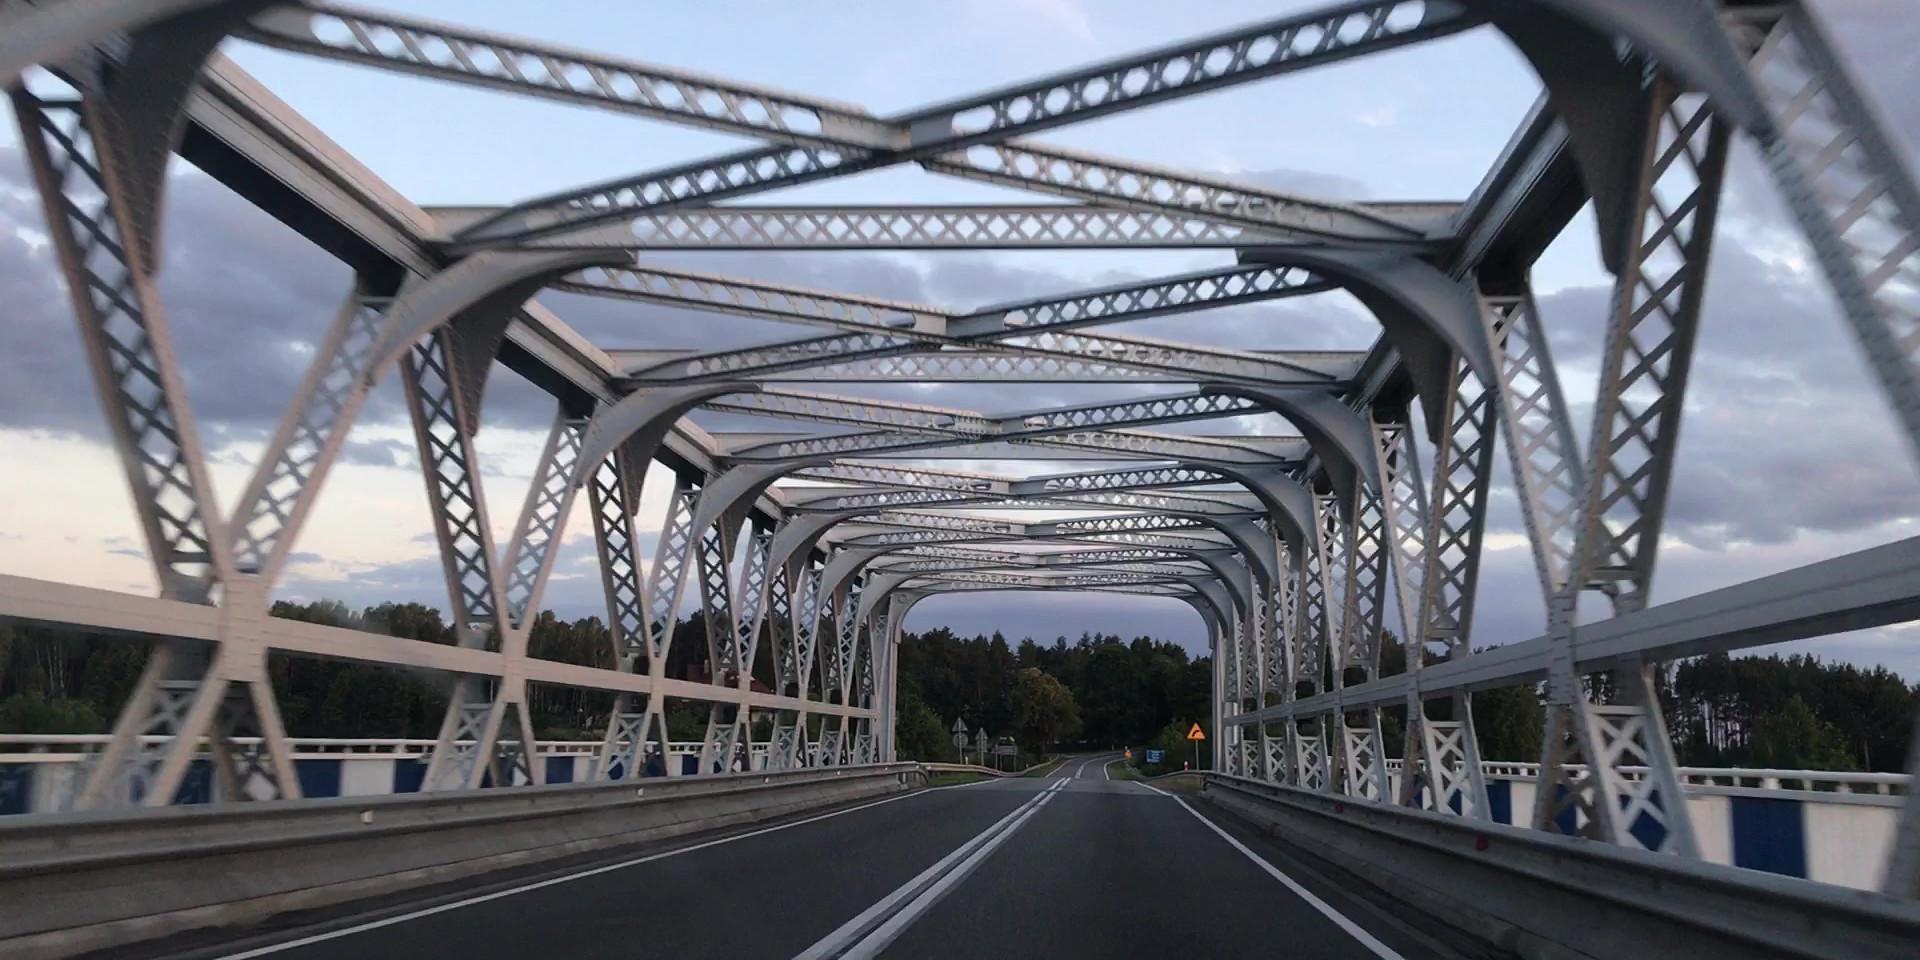 Bridge in Ukraine